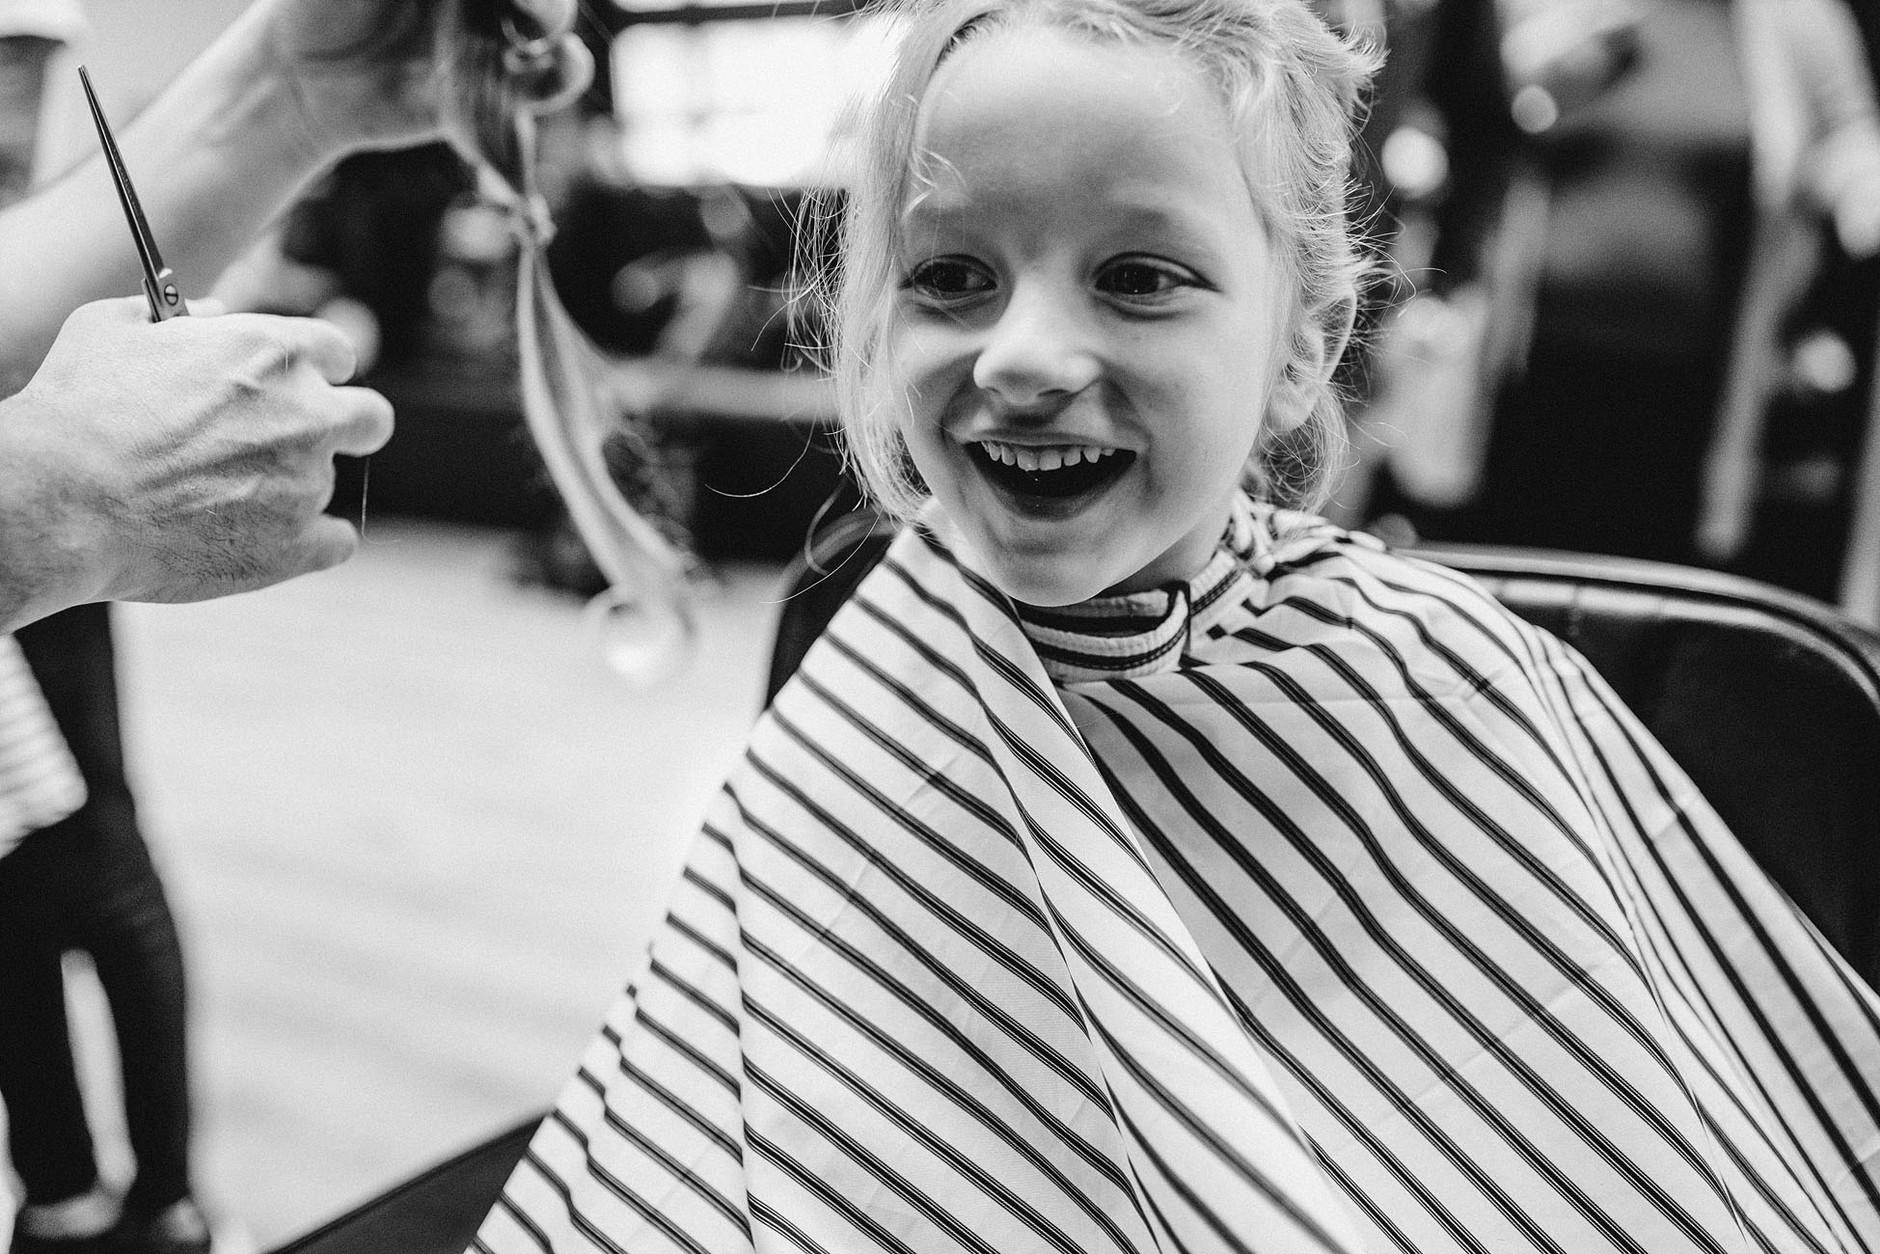 dublin-documentary-family-photography-finn-haircut-0017.jpg